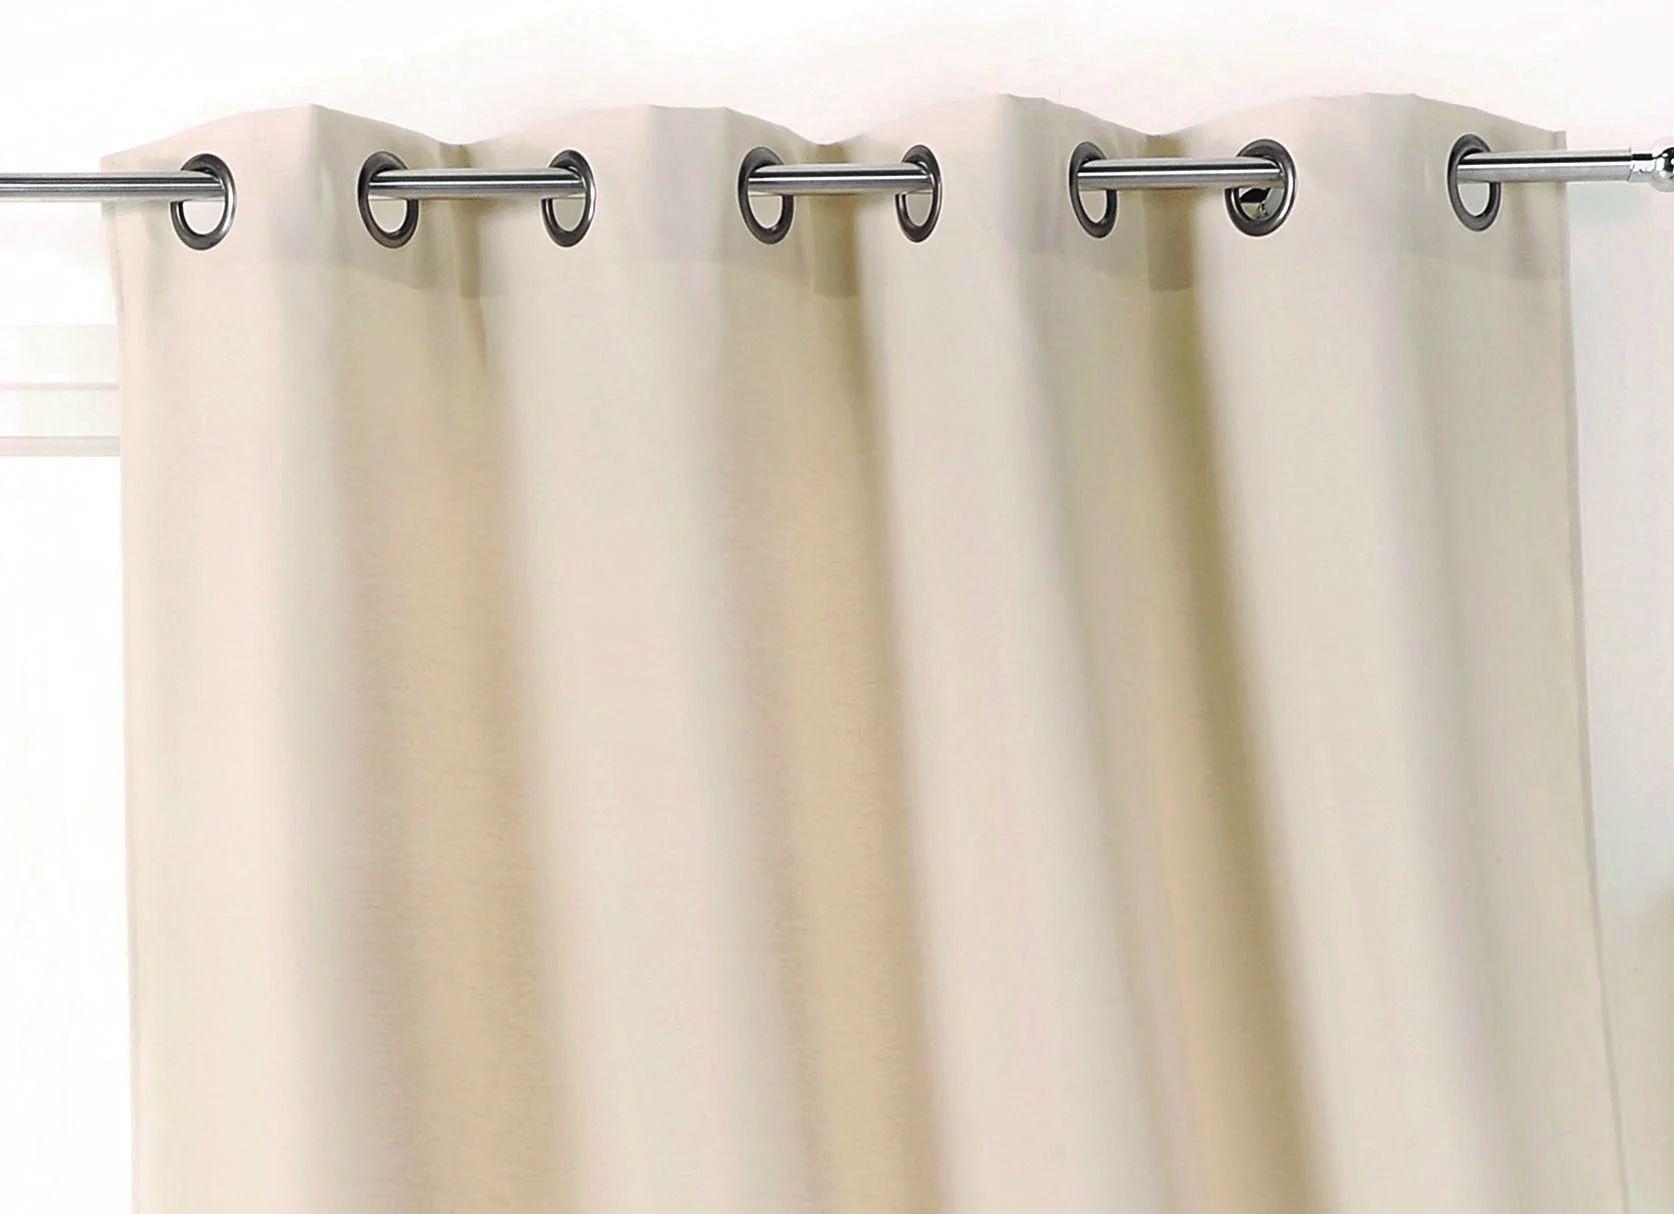 rideau obscurcissant toile exterieure ecru l 135 x h 240 cm